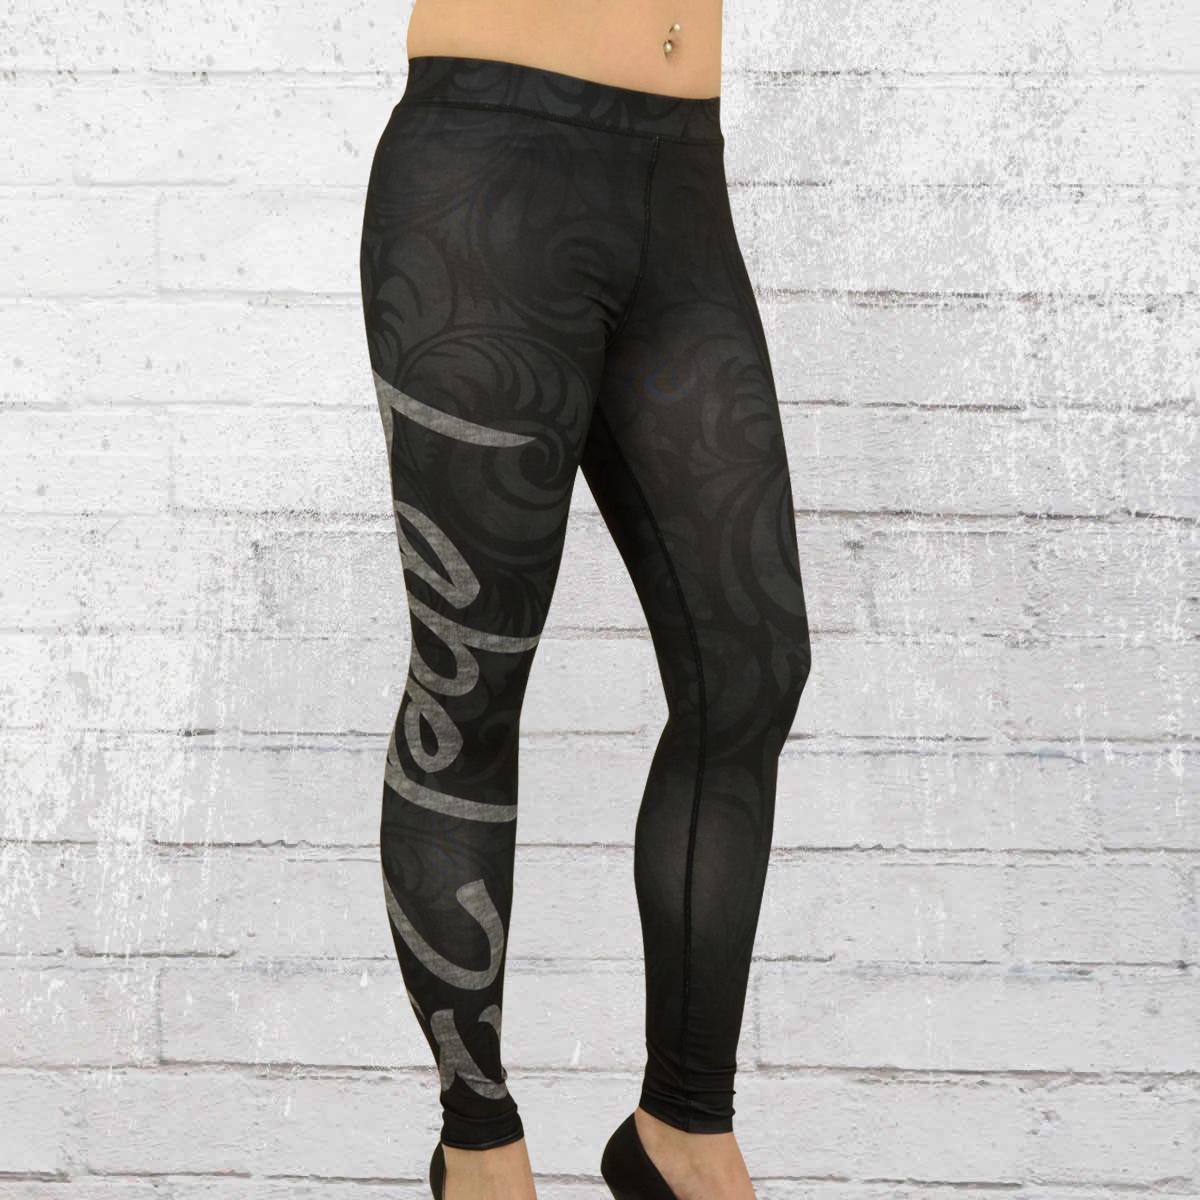 jetzt bestellen label 23 frauen leggings superior sports schwarz grau krasse. Black Bedroom Furniture Sets. Home Design Ideas